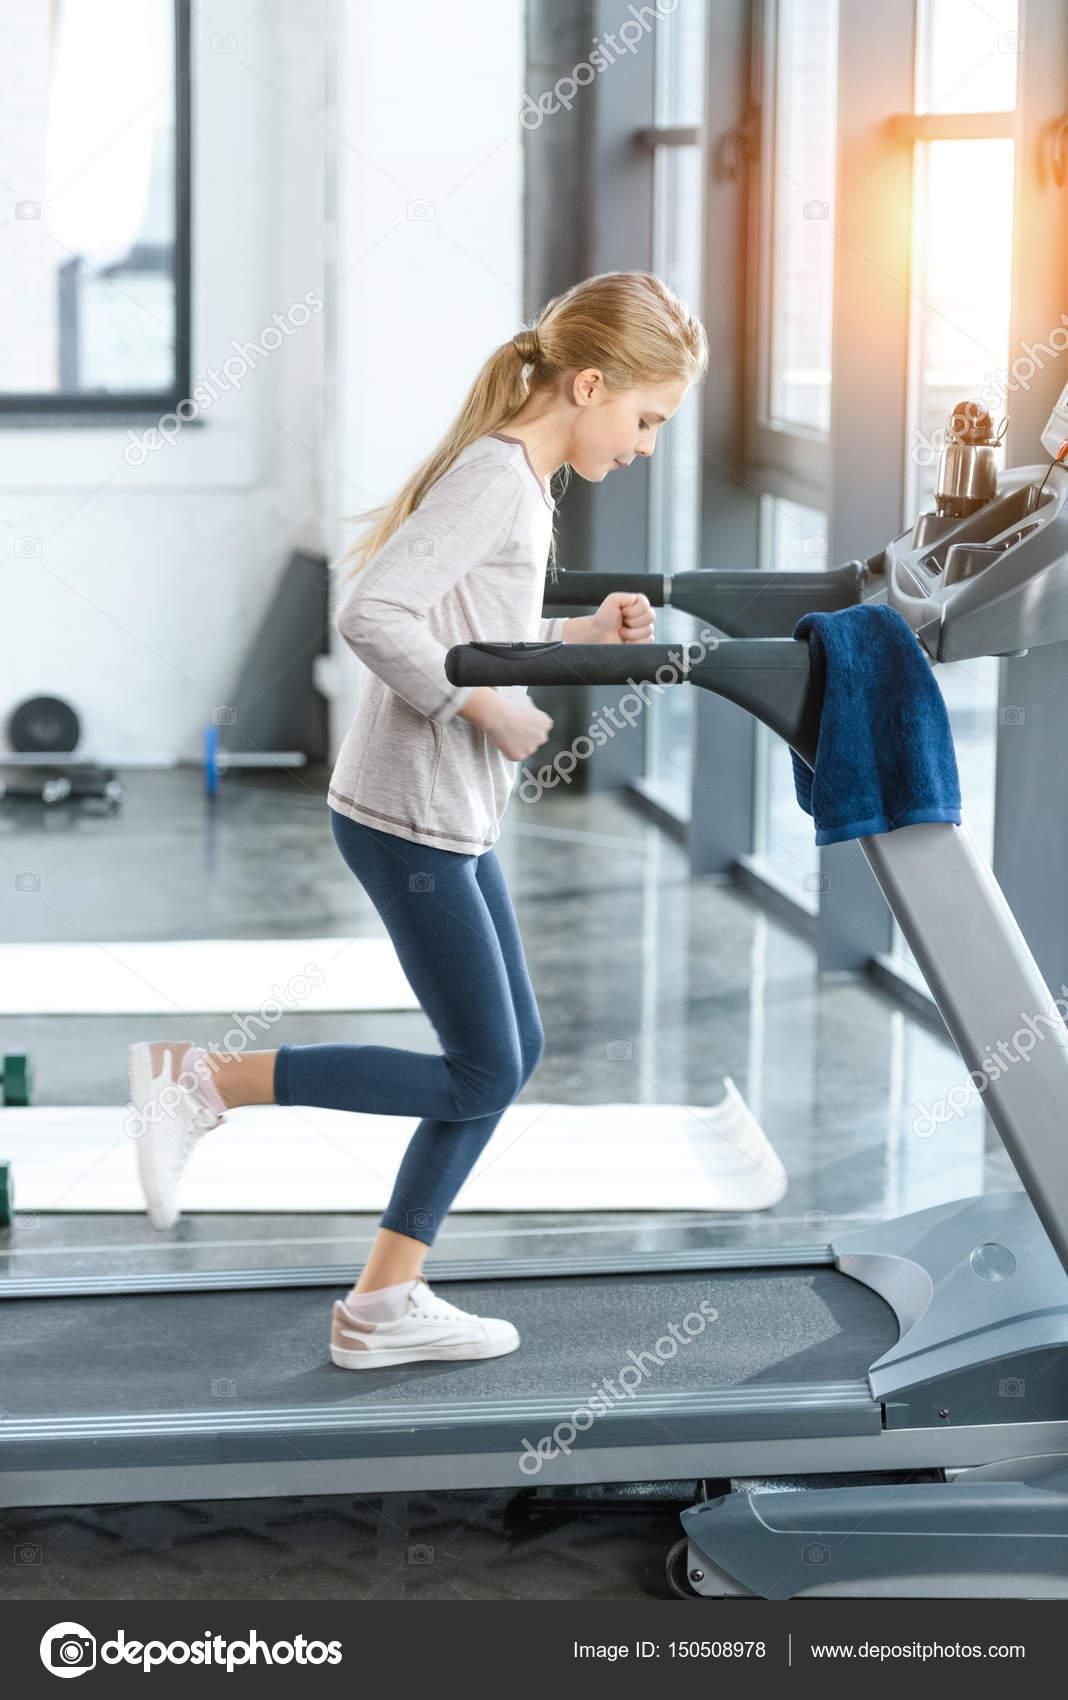 Séance d entraînement de tapis roulant. Club, fitness.